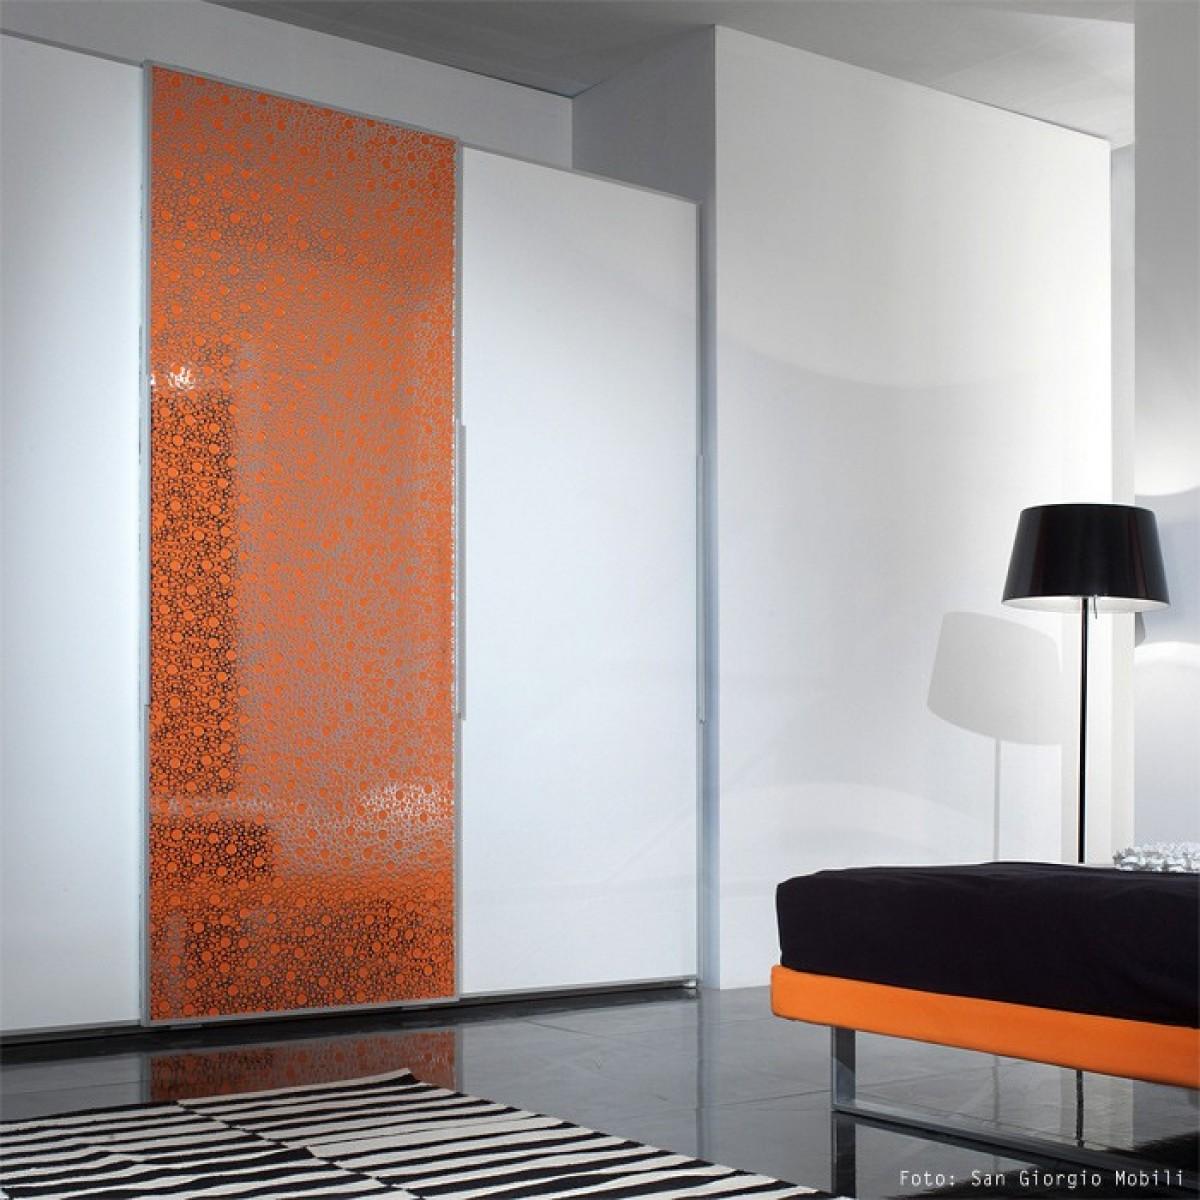 Panou decorativ STRUCTURE 11713, WallFace, autocolant